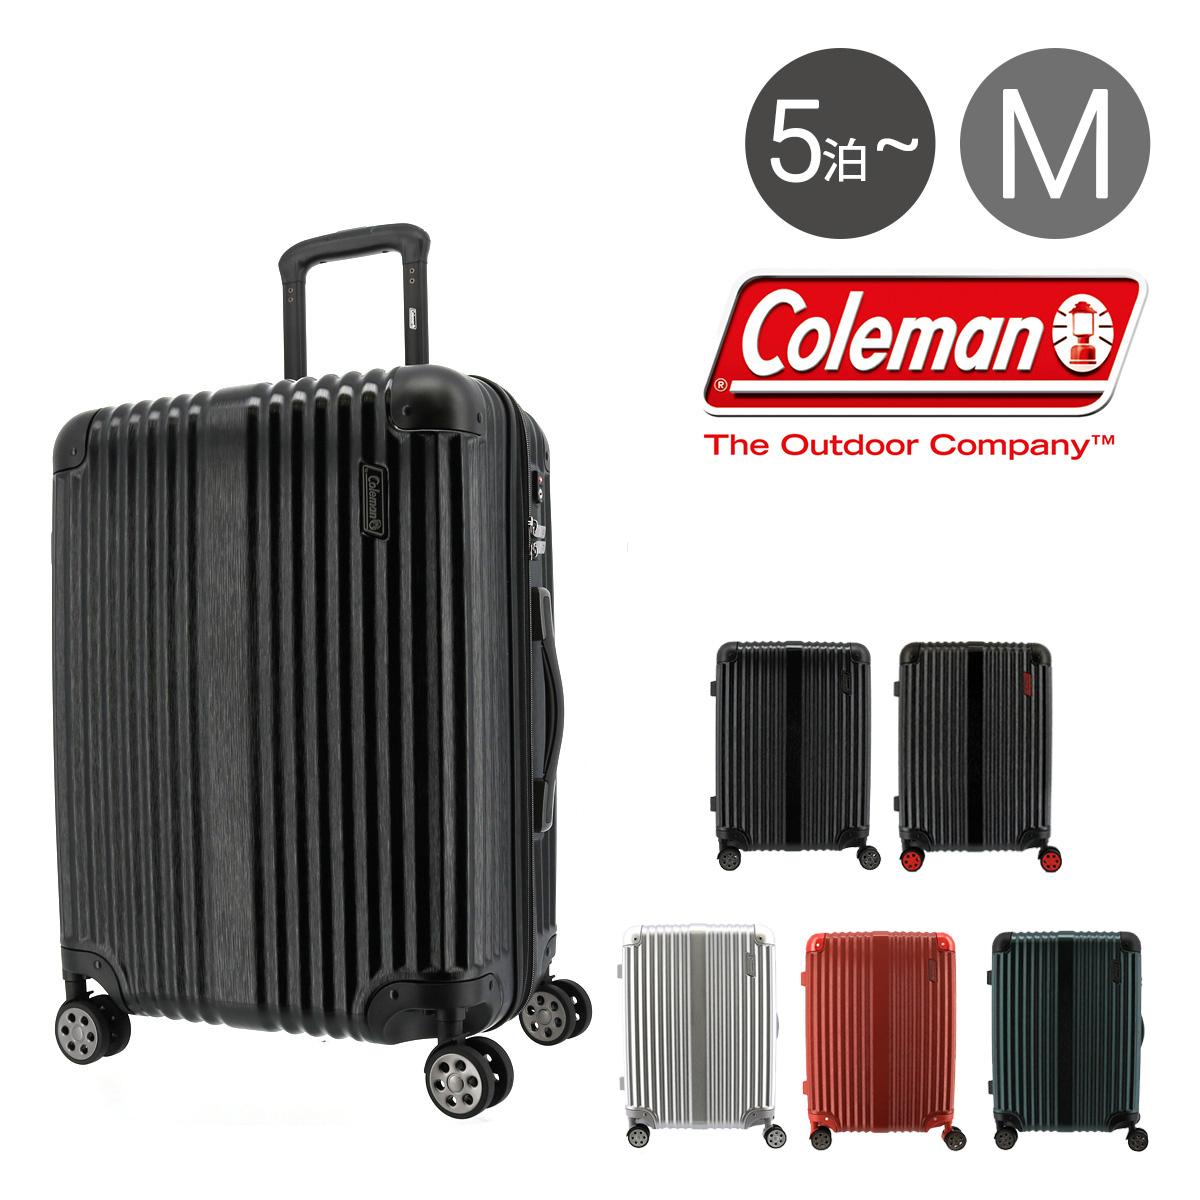 コールマン スーツケース 63L ハード ファスナー メンズ レディース 14-60 Coleman | キャリーケース ヘアライン柄[PO10]